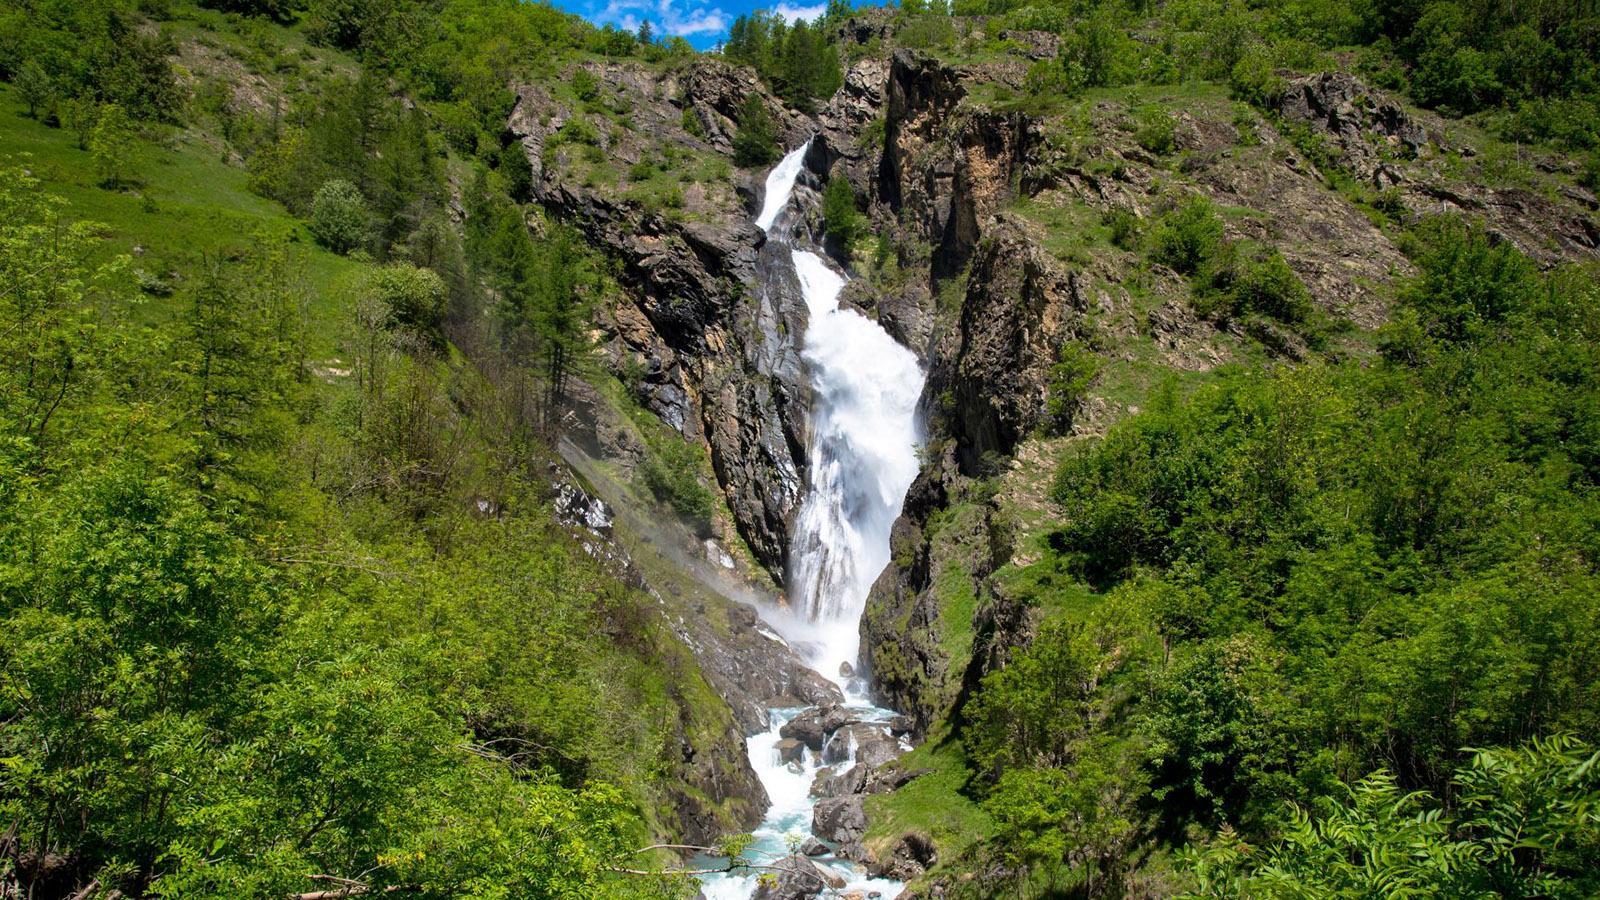 Der Wasserfall von Dormillouse. Foto: Tanja Midgartson